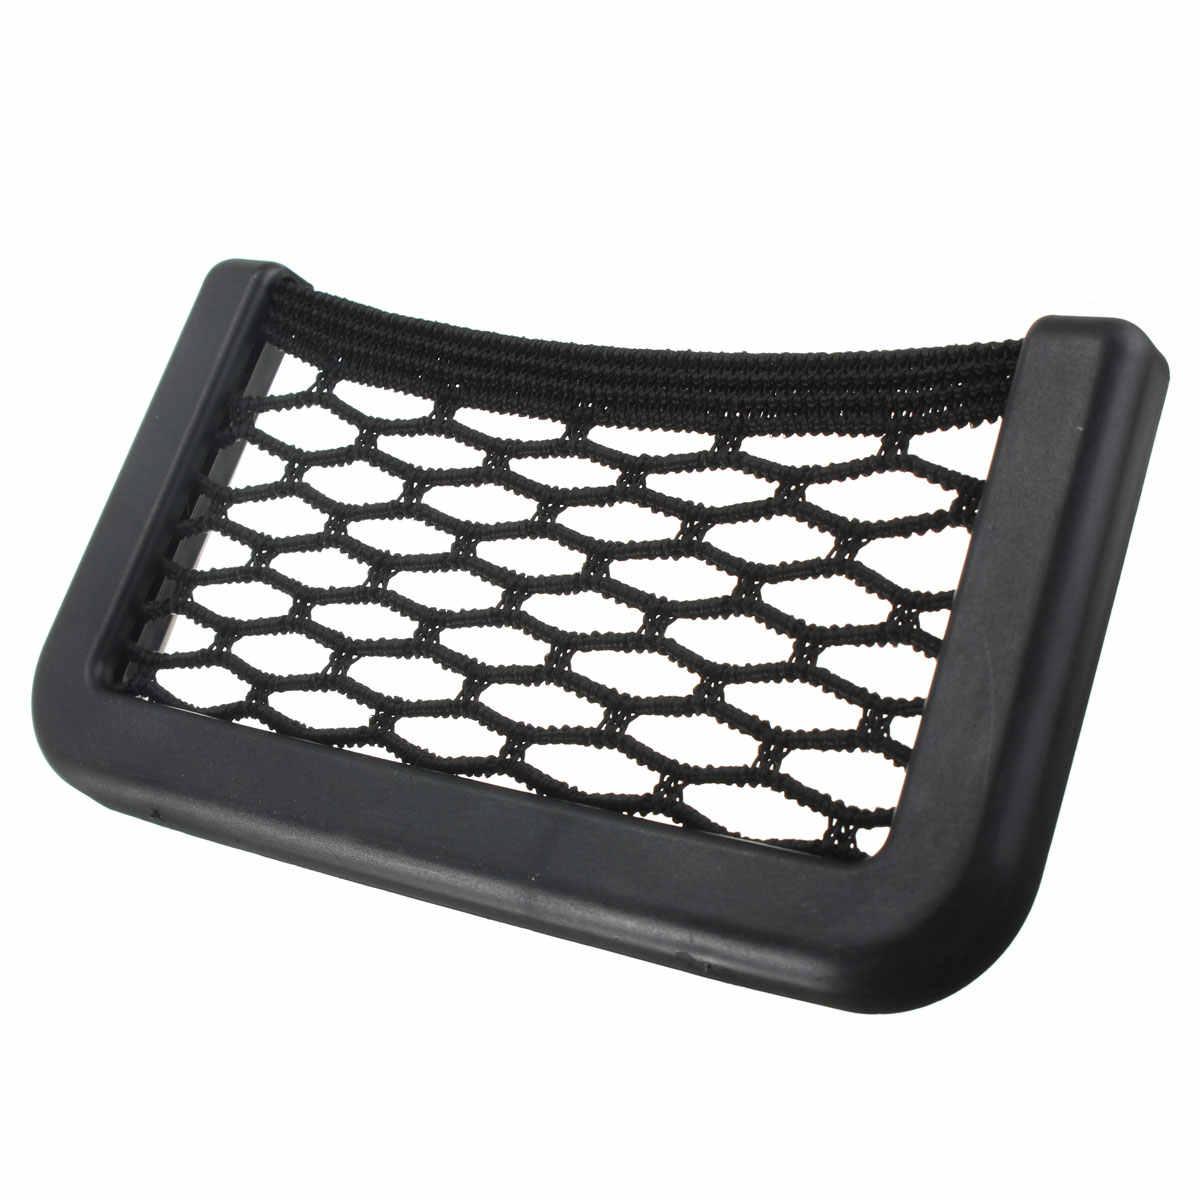 Universal de 20*8cm 15*8cm multifunción titular del teléfono del coche de almacenamiento de cuerda elástica Auto vehículo de almacenamiento de bolsa de malla de las redes para iPhone